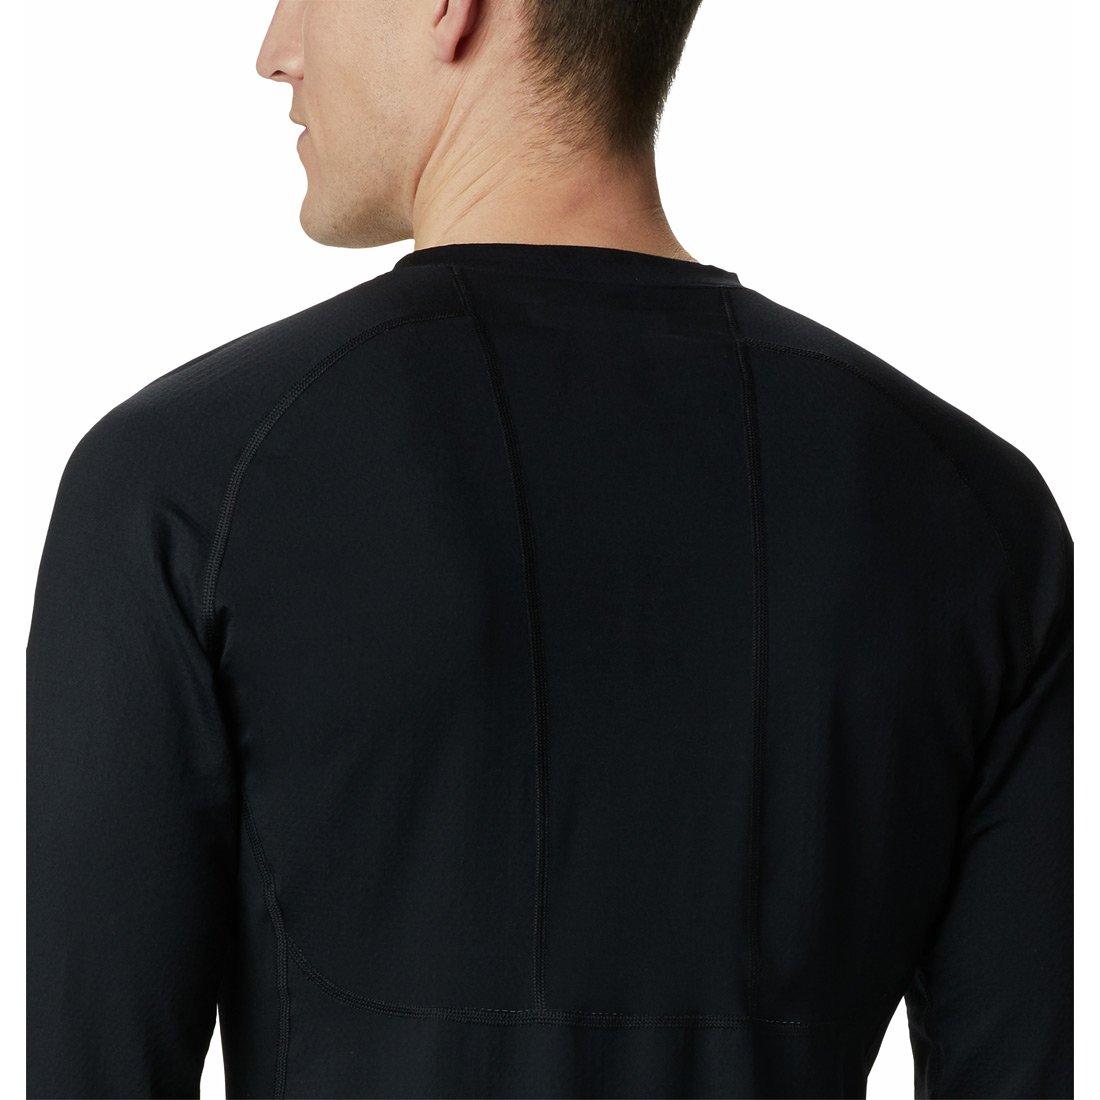 חולצה תרמית ארוכה לגברים - Omni-Heat 3D Knit Crew II - Columbia